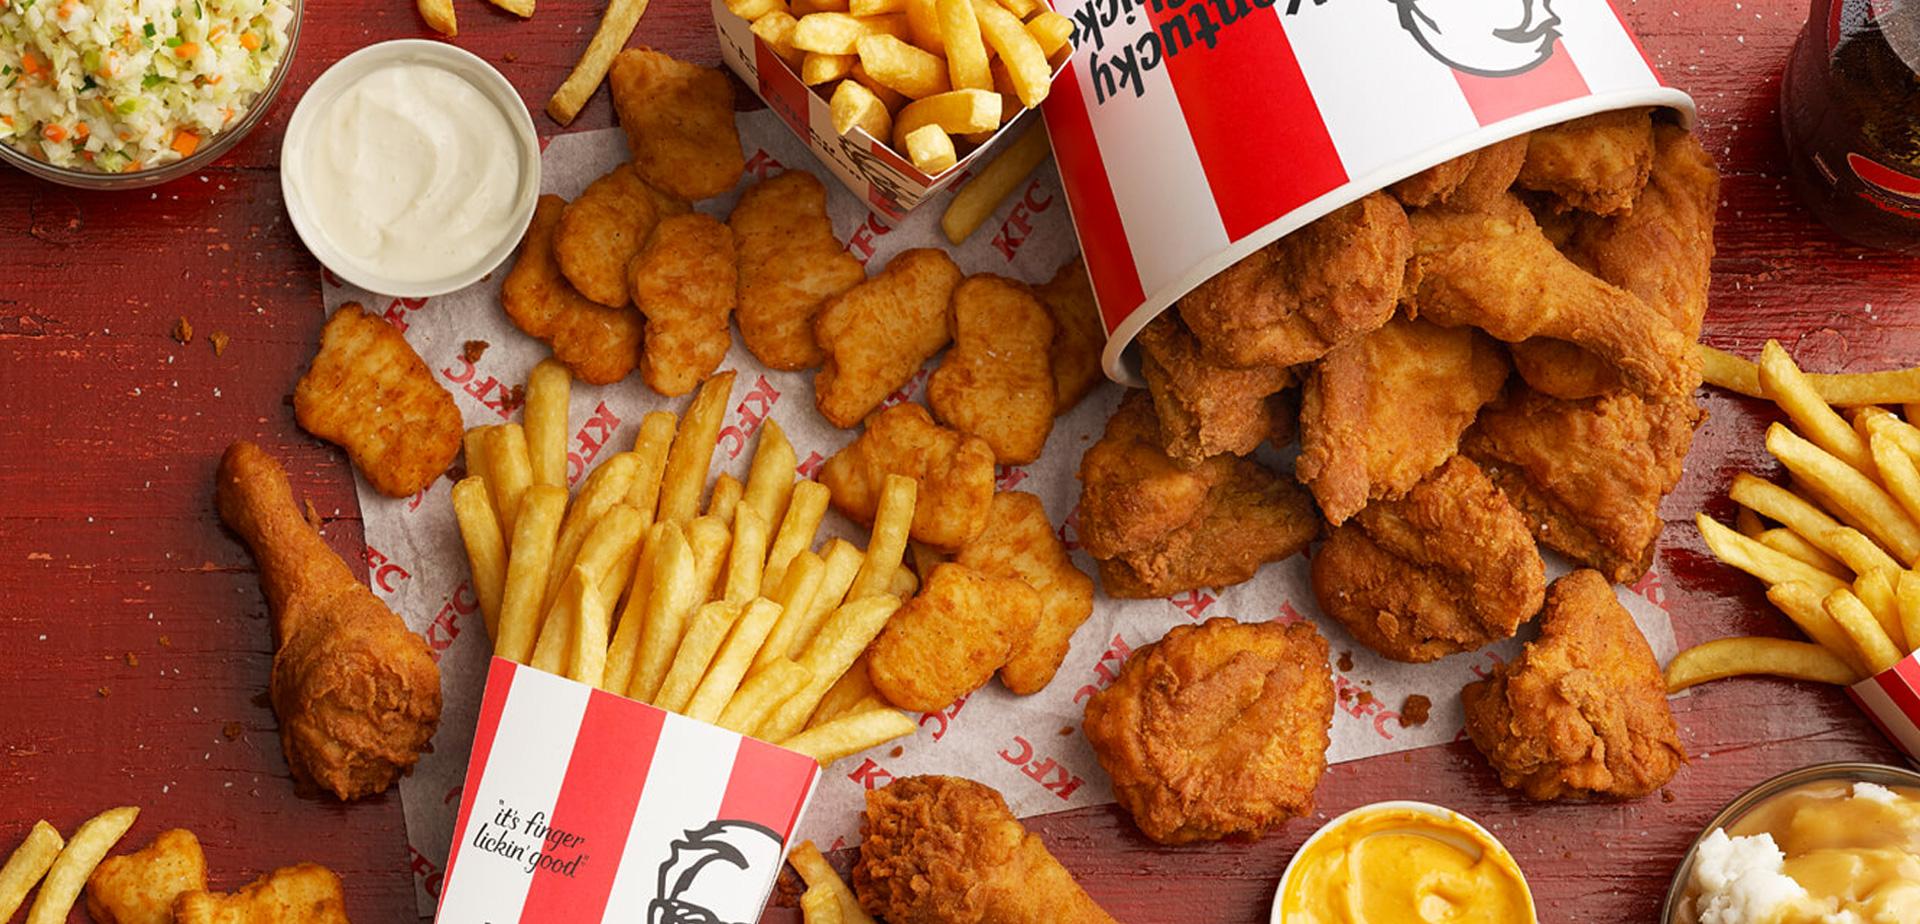 KFC, Towergate, Milton Keynes